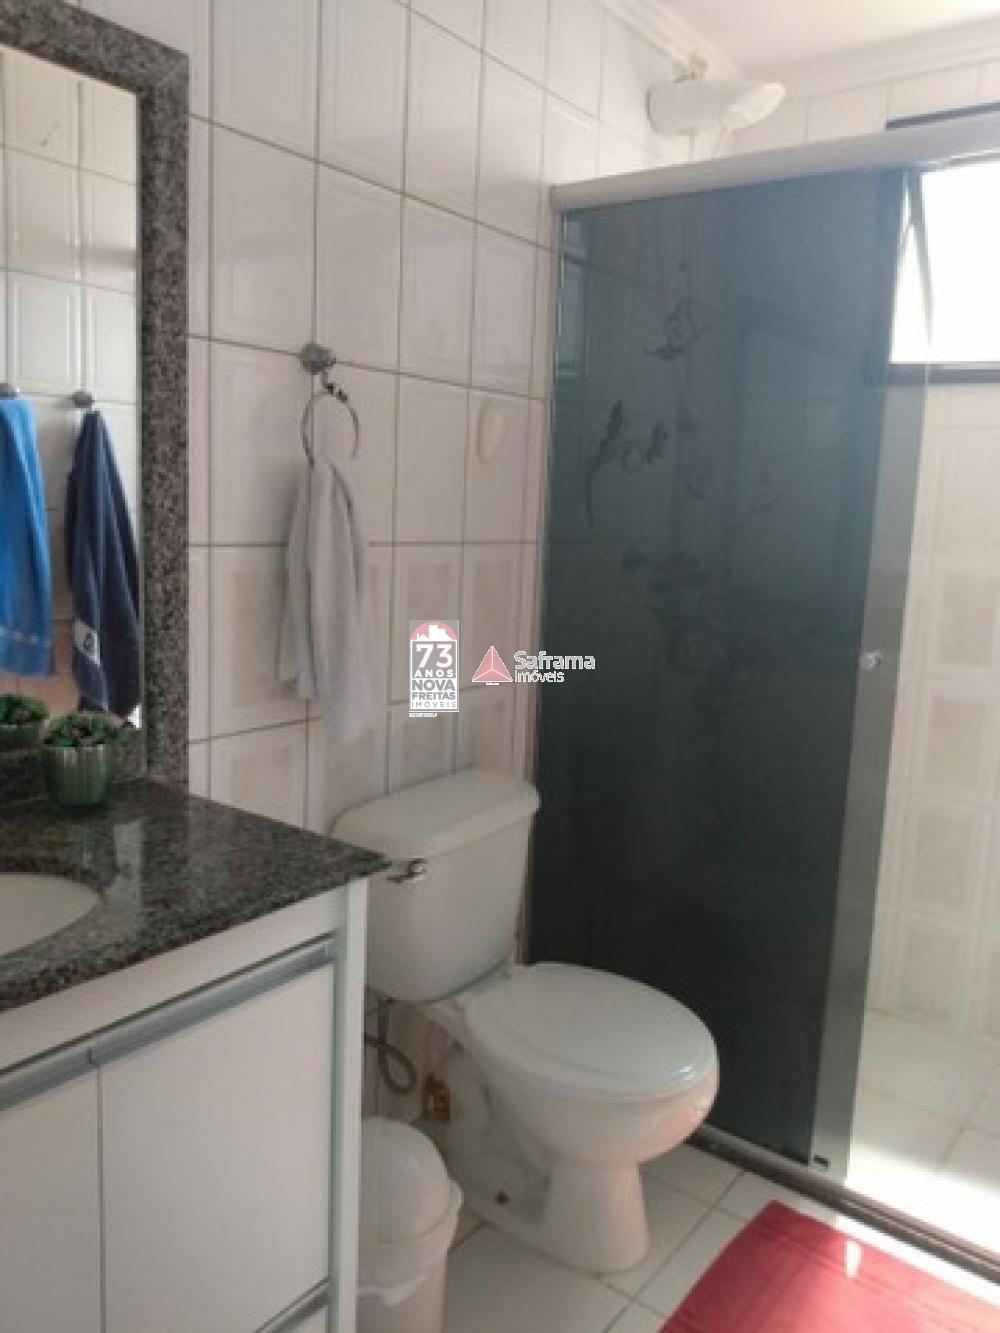 Comprar Apartamento / Padrão em São José dos Campos R$ 375.000,00 - Foto 6